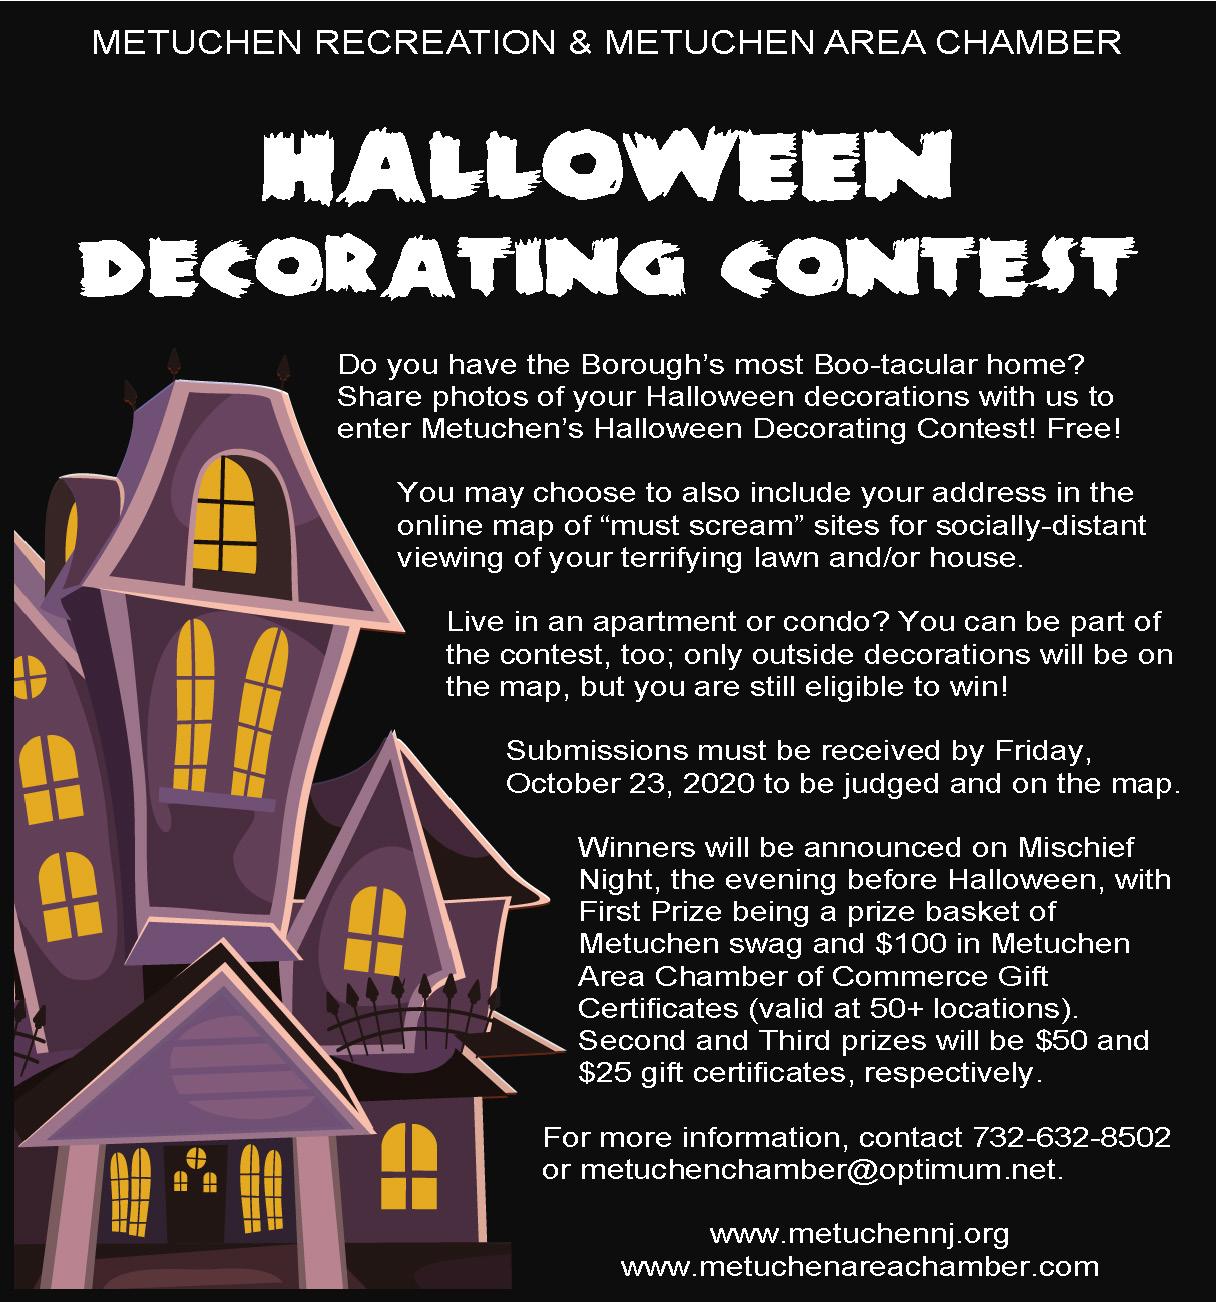 Metuchen Halloween 2020 Metuchen Halloween Decorating Contest   Metuchen Area Chamber of